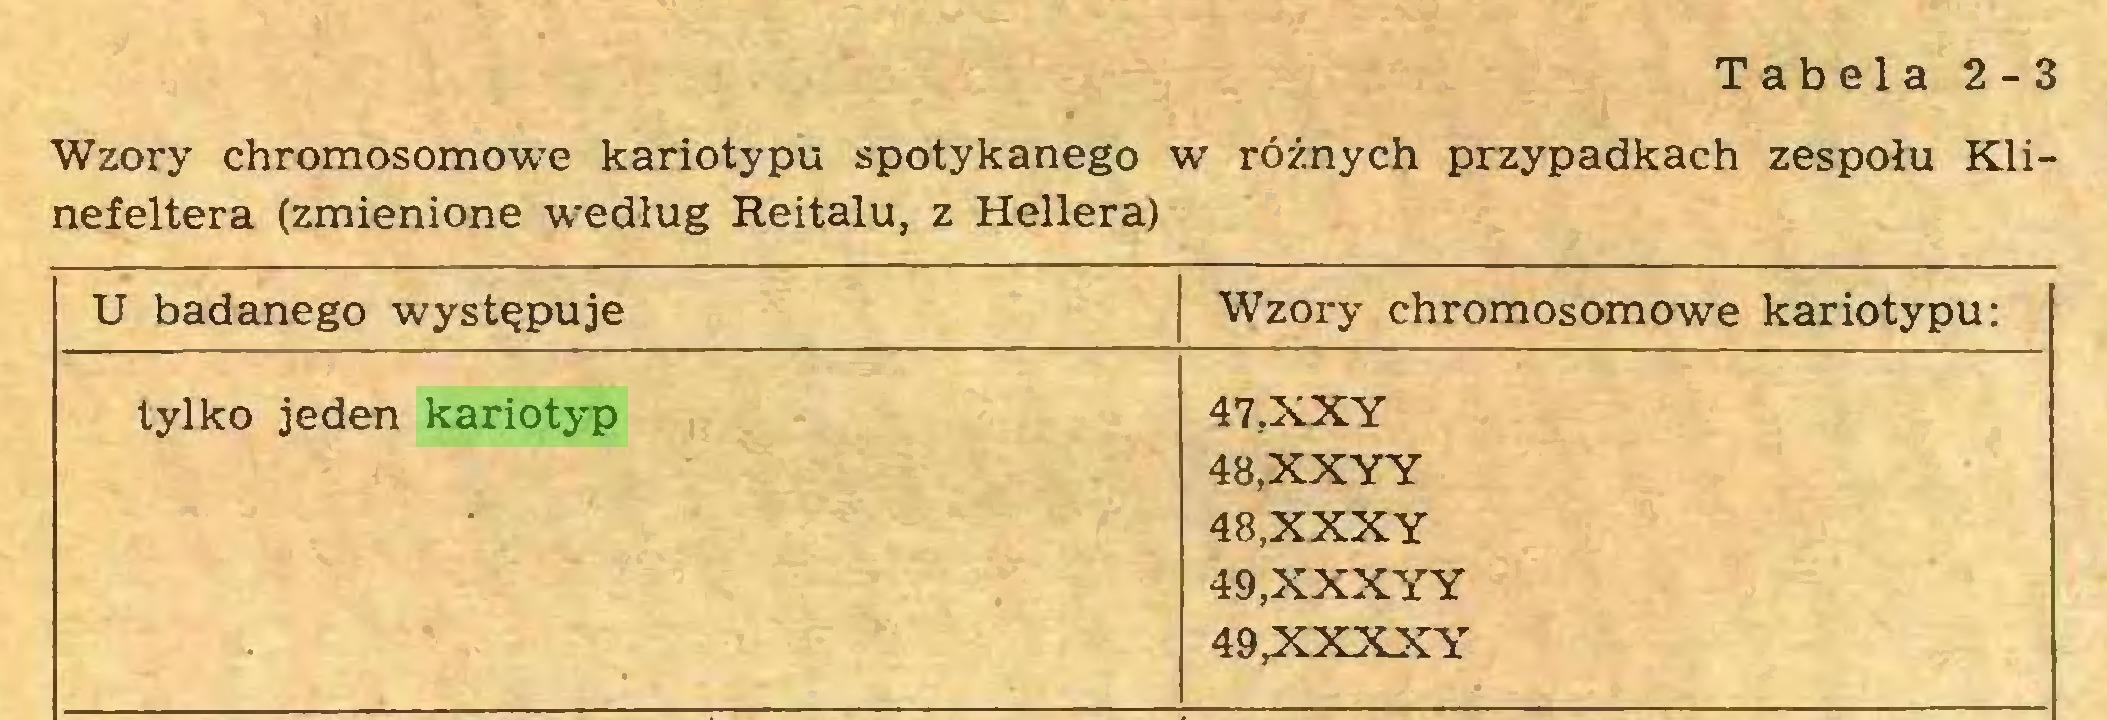 (...) Tabela 2-3 Wzory chromosomowe kariotypu spotykanego w różnych przypadkach zespołu Klinefeltera (zmienione według Reitalu, z Hellera) U badanego występuje Wzory chromosomowe kariotypu: tylko jeden kariotyp 47, XXY 48, XXYY 48, XXXY 49, XXXYY 49,XXXXY...